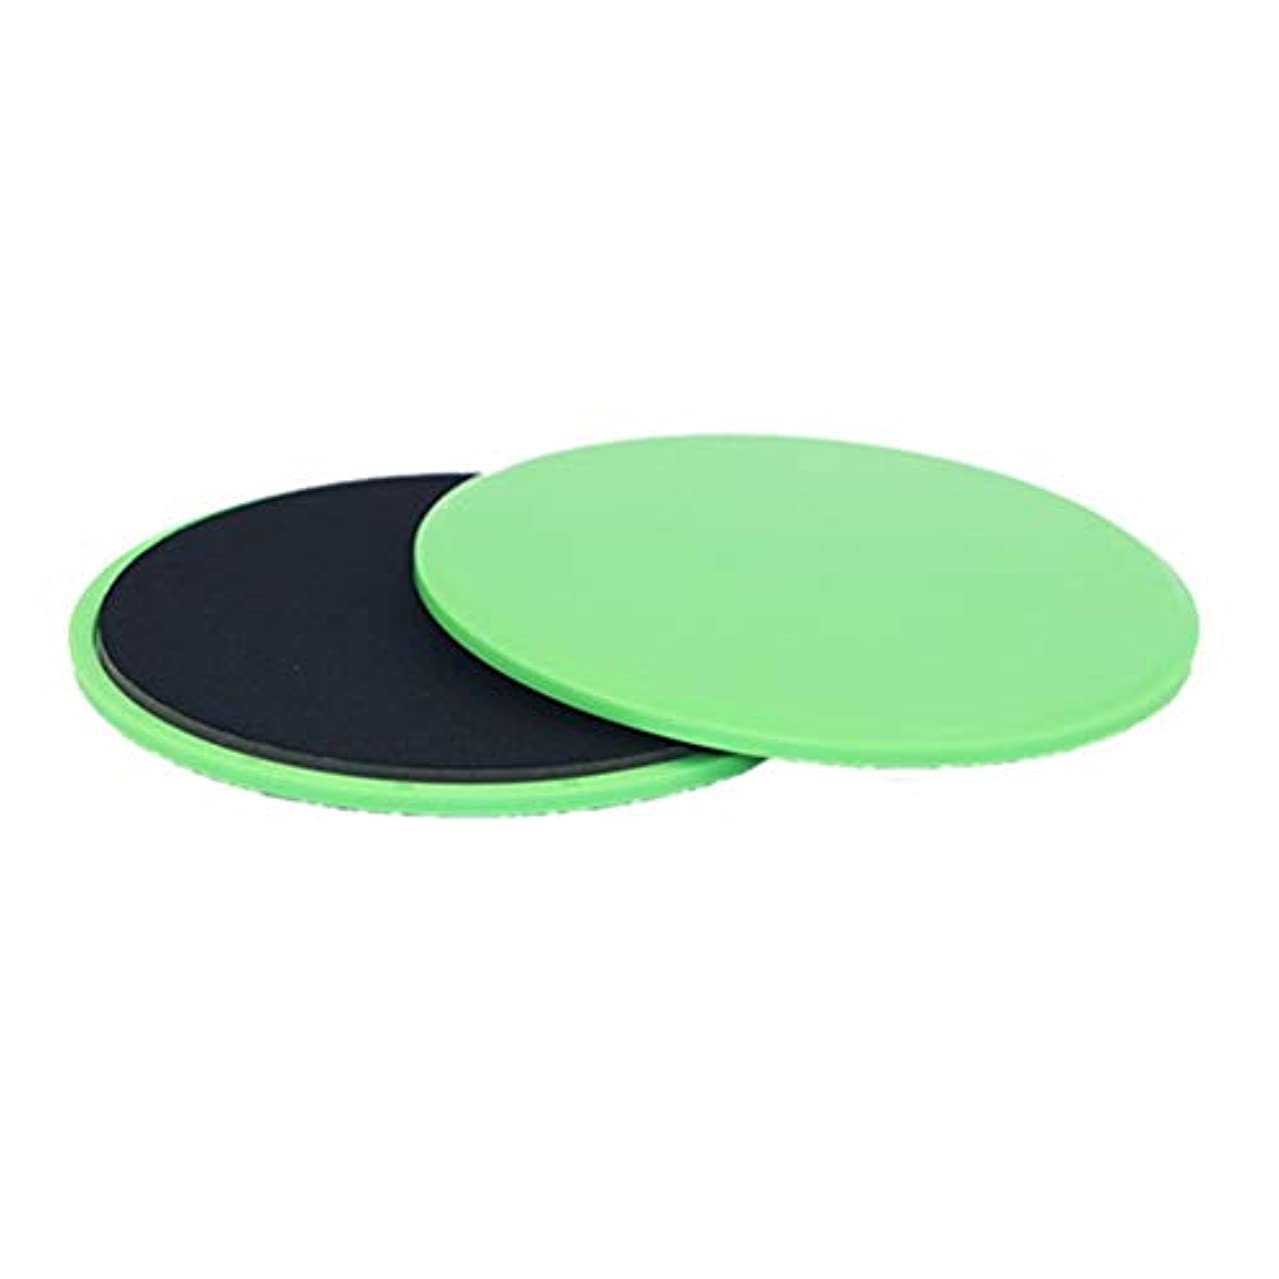 純度価格。フィットネススライドグライディングディスクコーディネーション能力フィットネスエクササイズスライダーコアトレーニング用腹部と全身トレーニング - グリーン